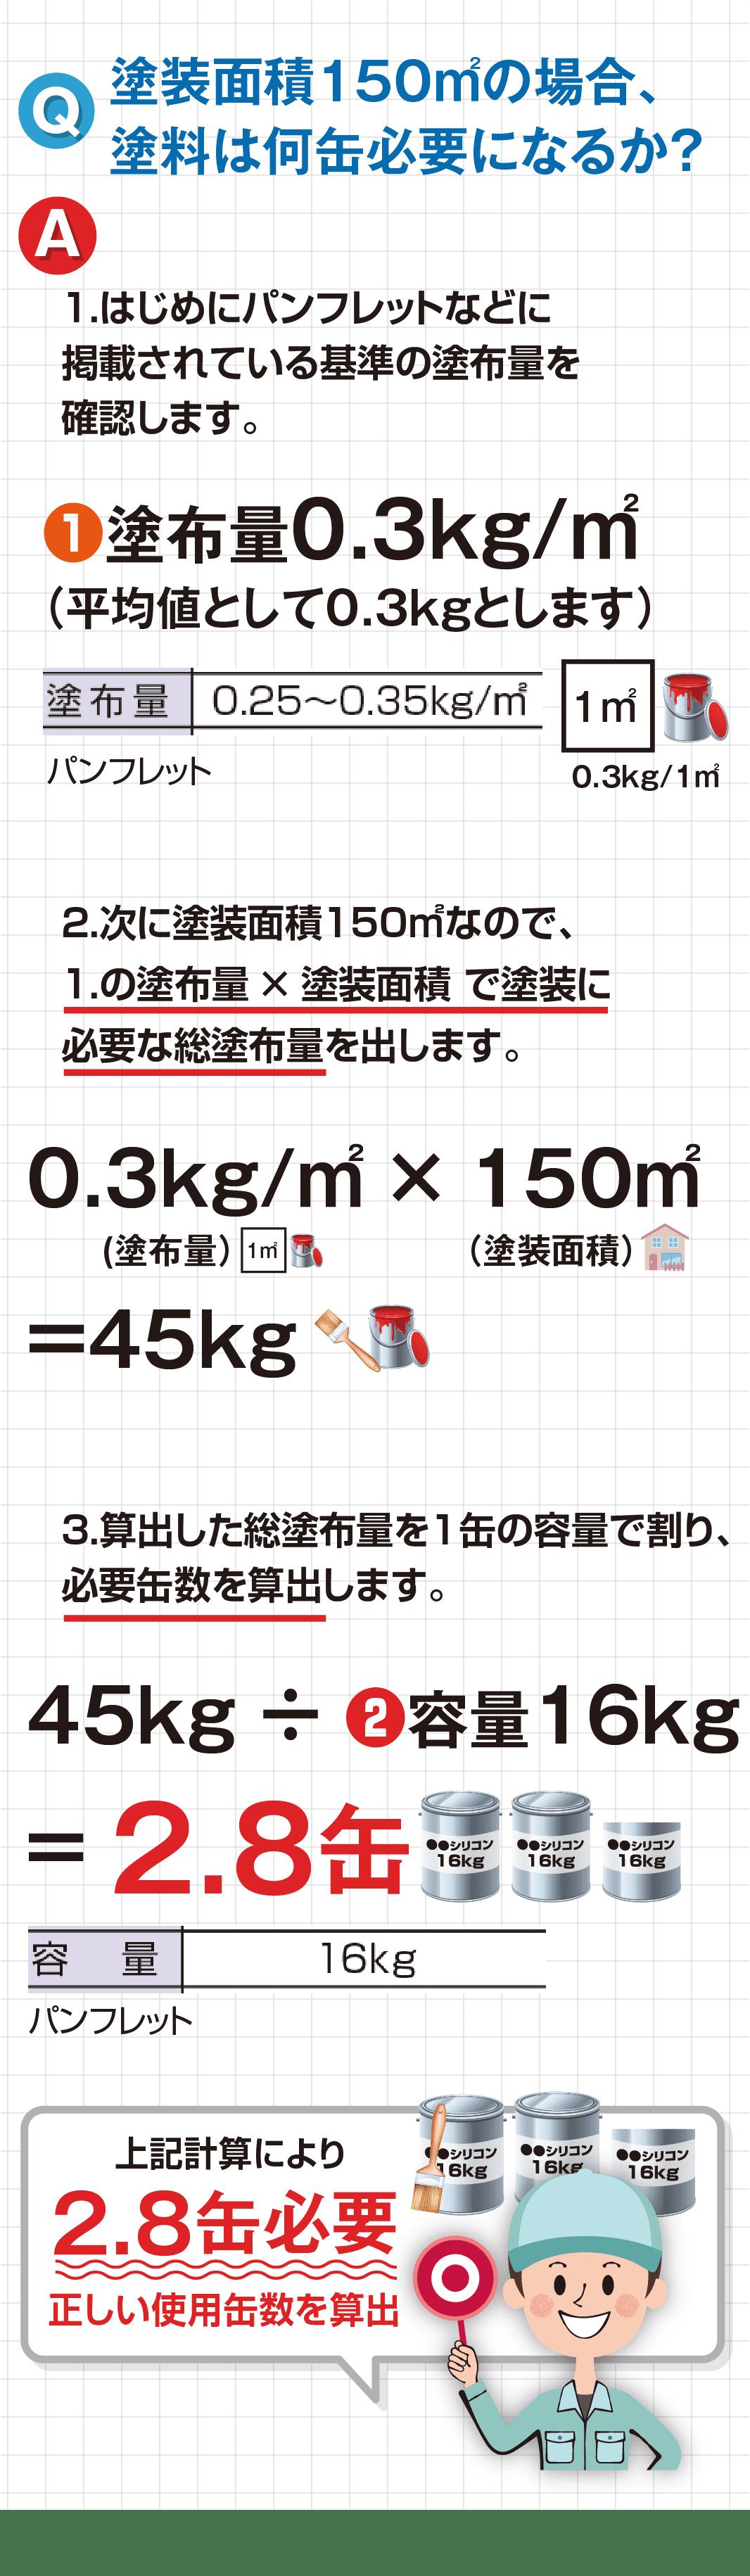 1.はじめにパンフレットなどに掲載されている基準の塗布量を確認します。2.次に塗装面積150㎡なので、1.の塗布量 × 塗装面積 で塗装に必要な総塗布量を出します。3.算出した総塗布量を1缶の容量で割り、必要缶数を算出します。